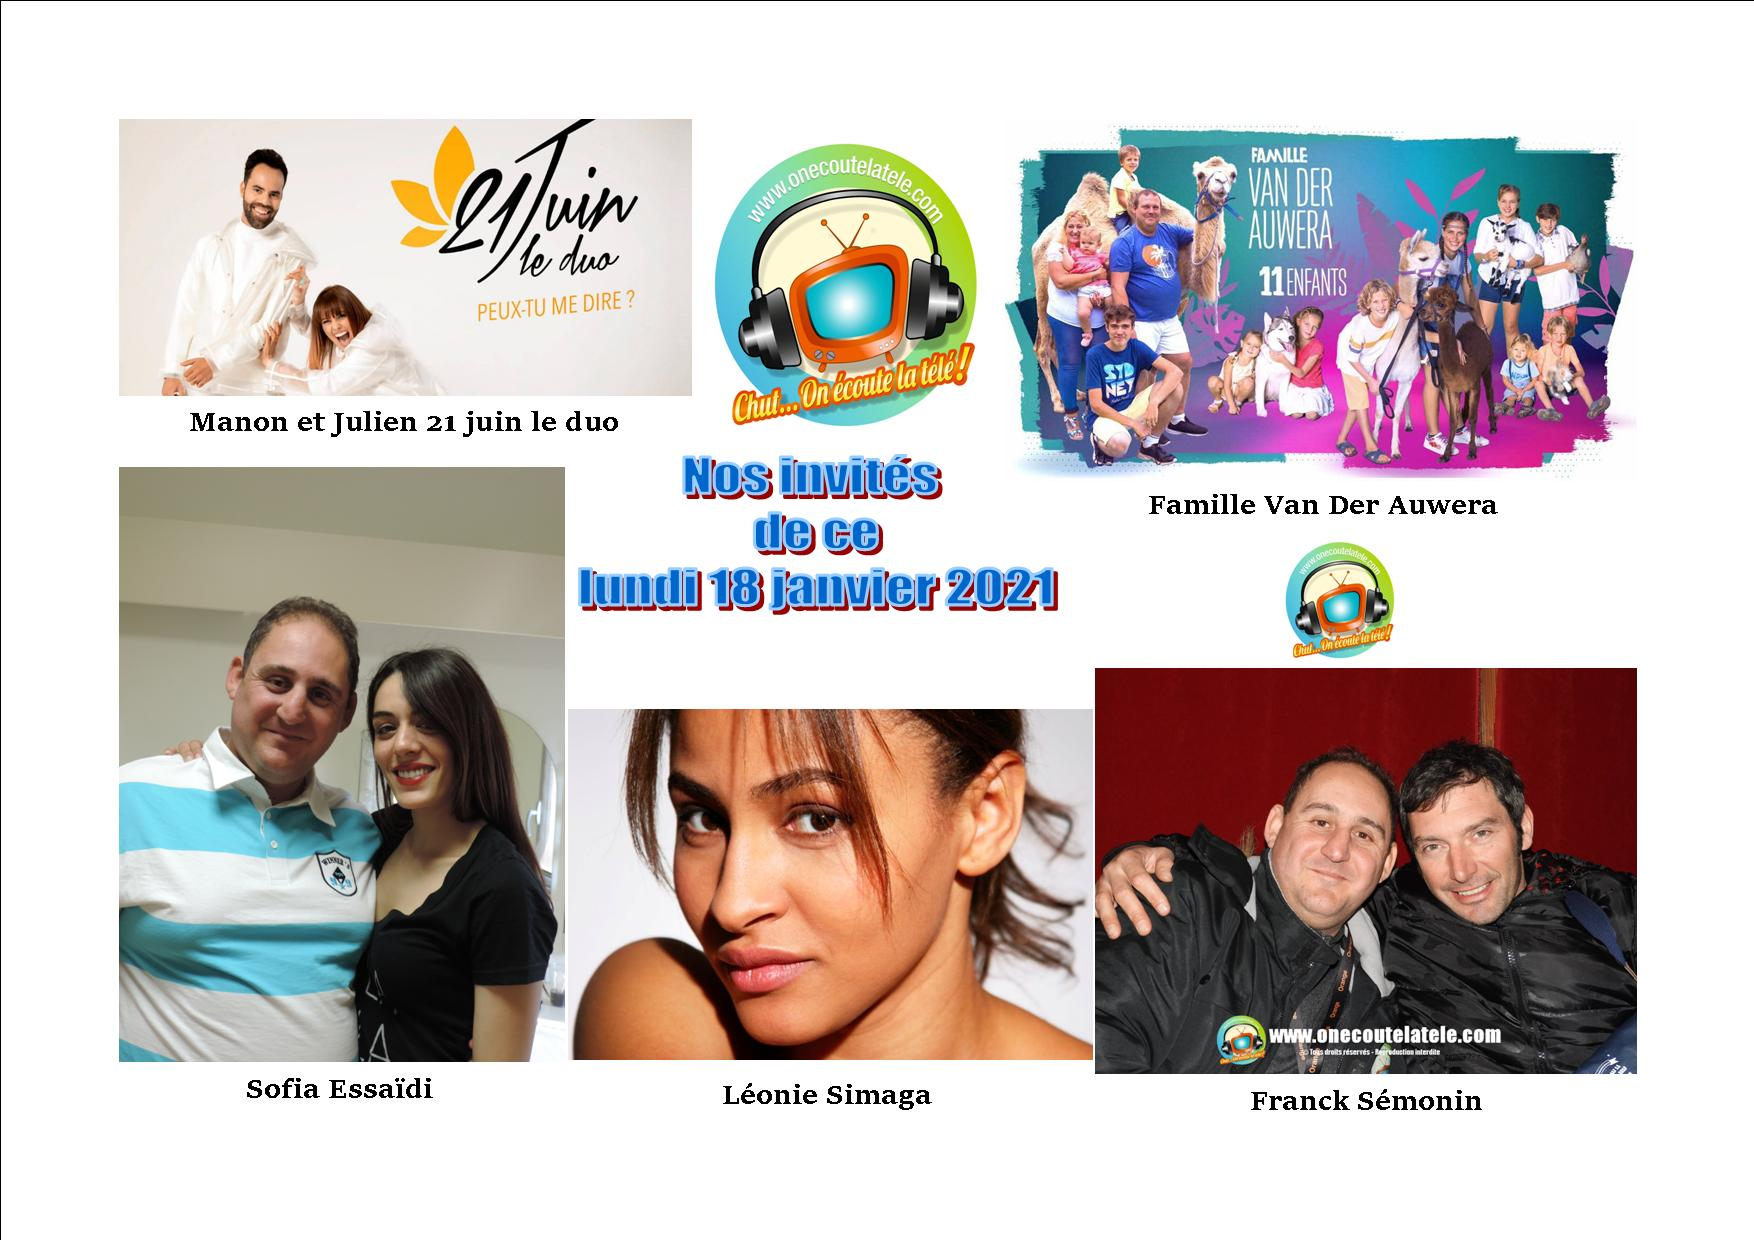 21 Juin le Duo, Franck Sémonin, Léonie Simaga, Sofia Essaïdi et la famille Van Der Auwera ce lundi 18 Janvier dans Chut on écoute la télé